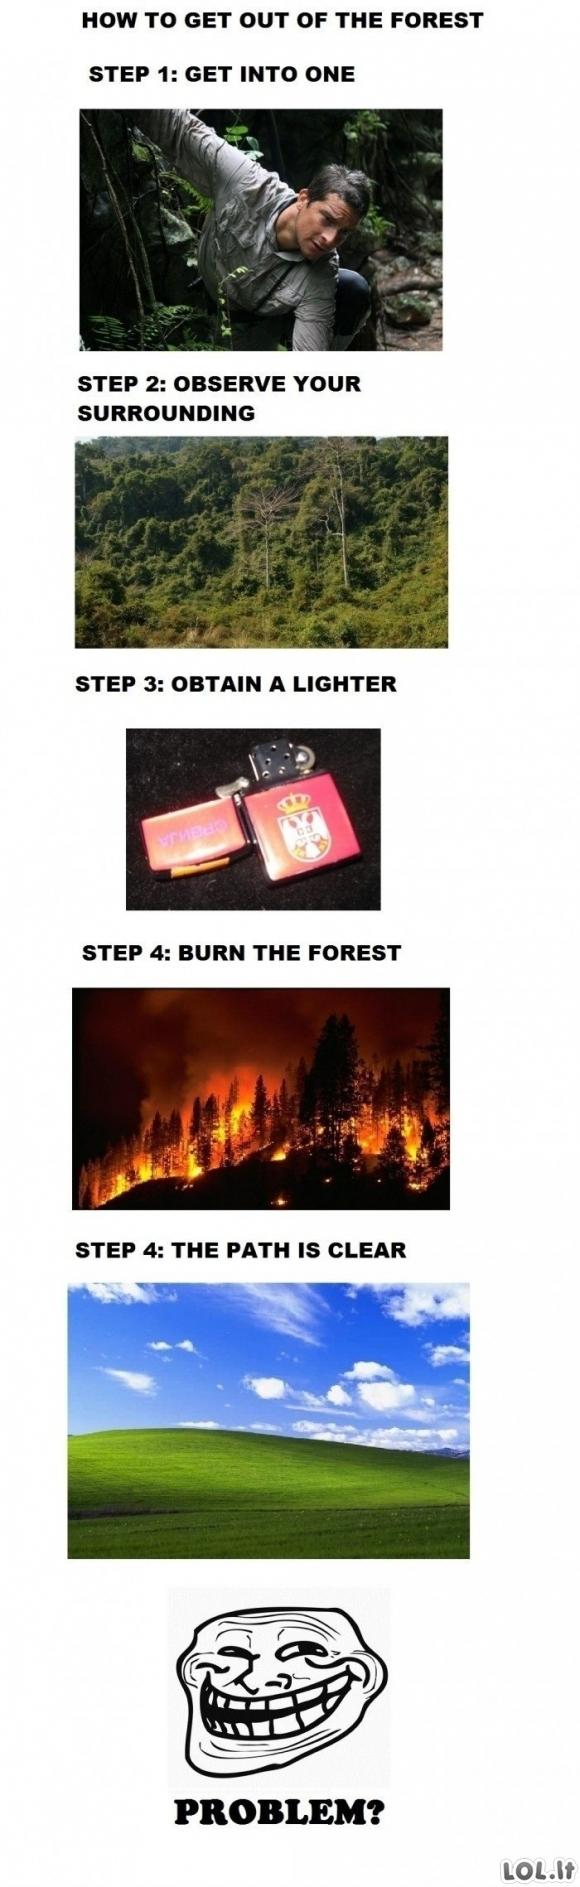 Kaip išeiti iš miško